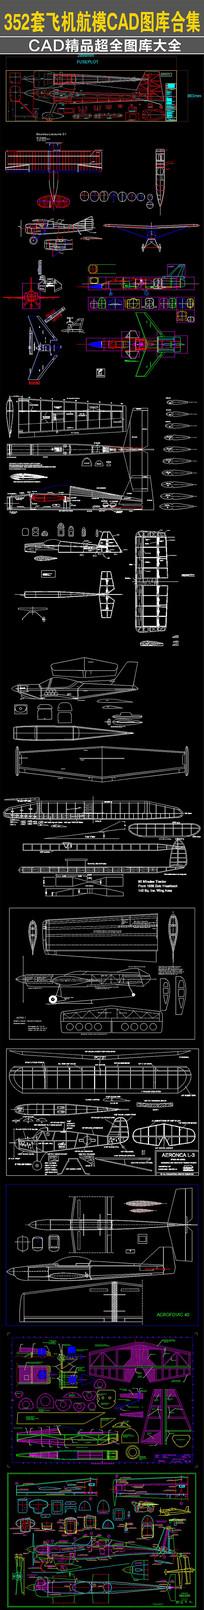 352套飞机航模CAD图纸